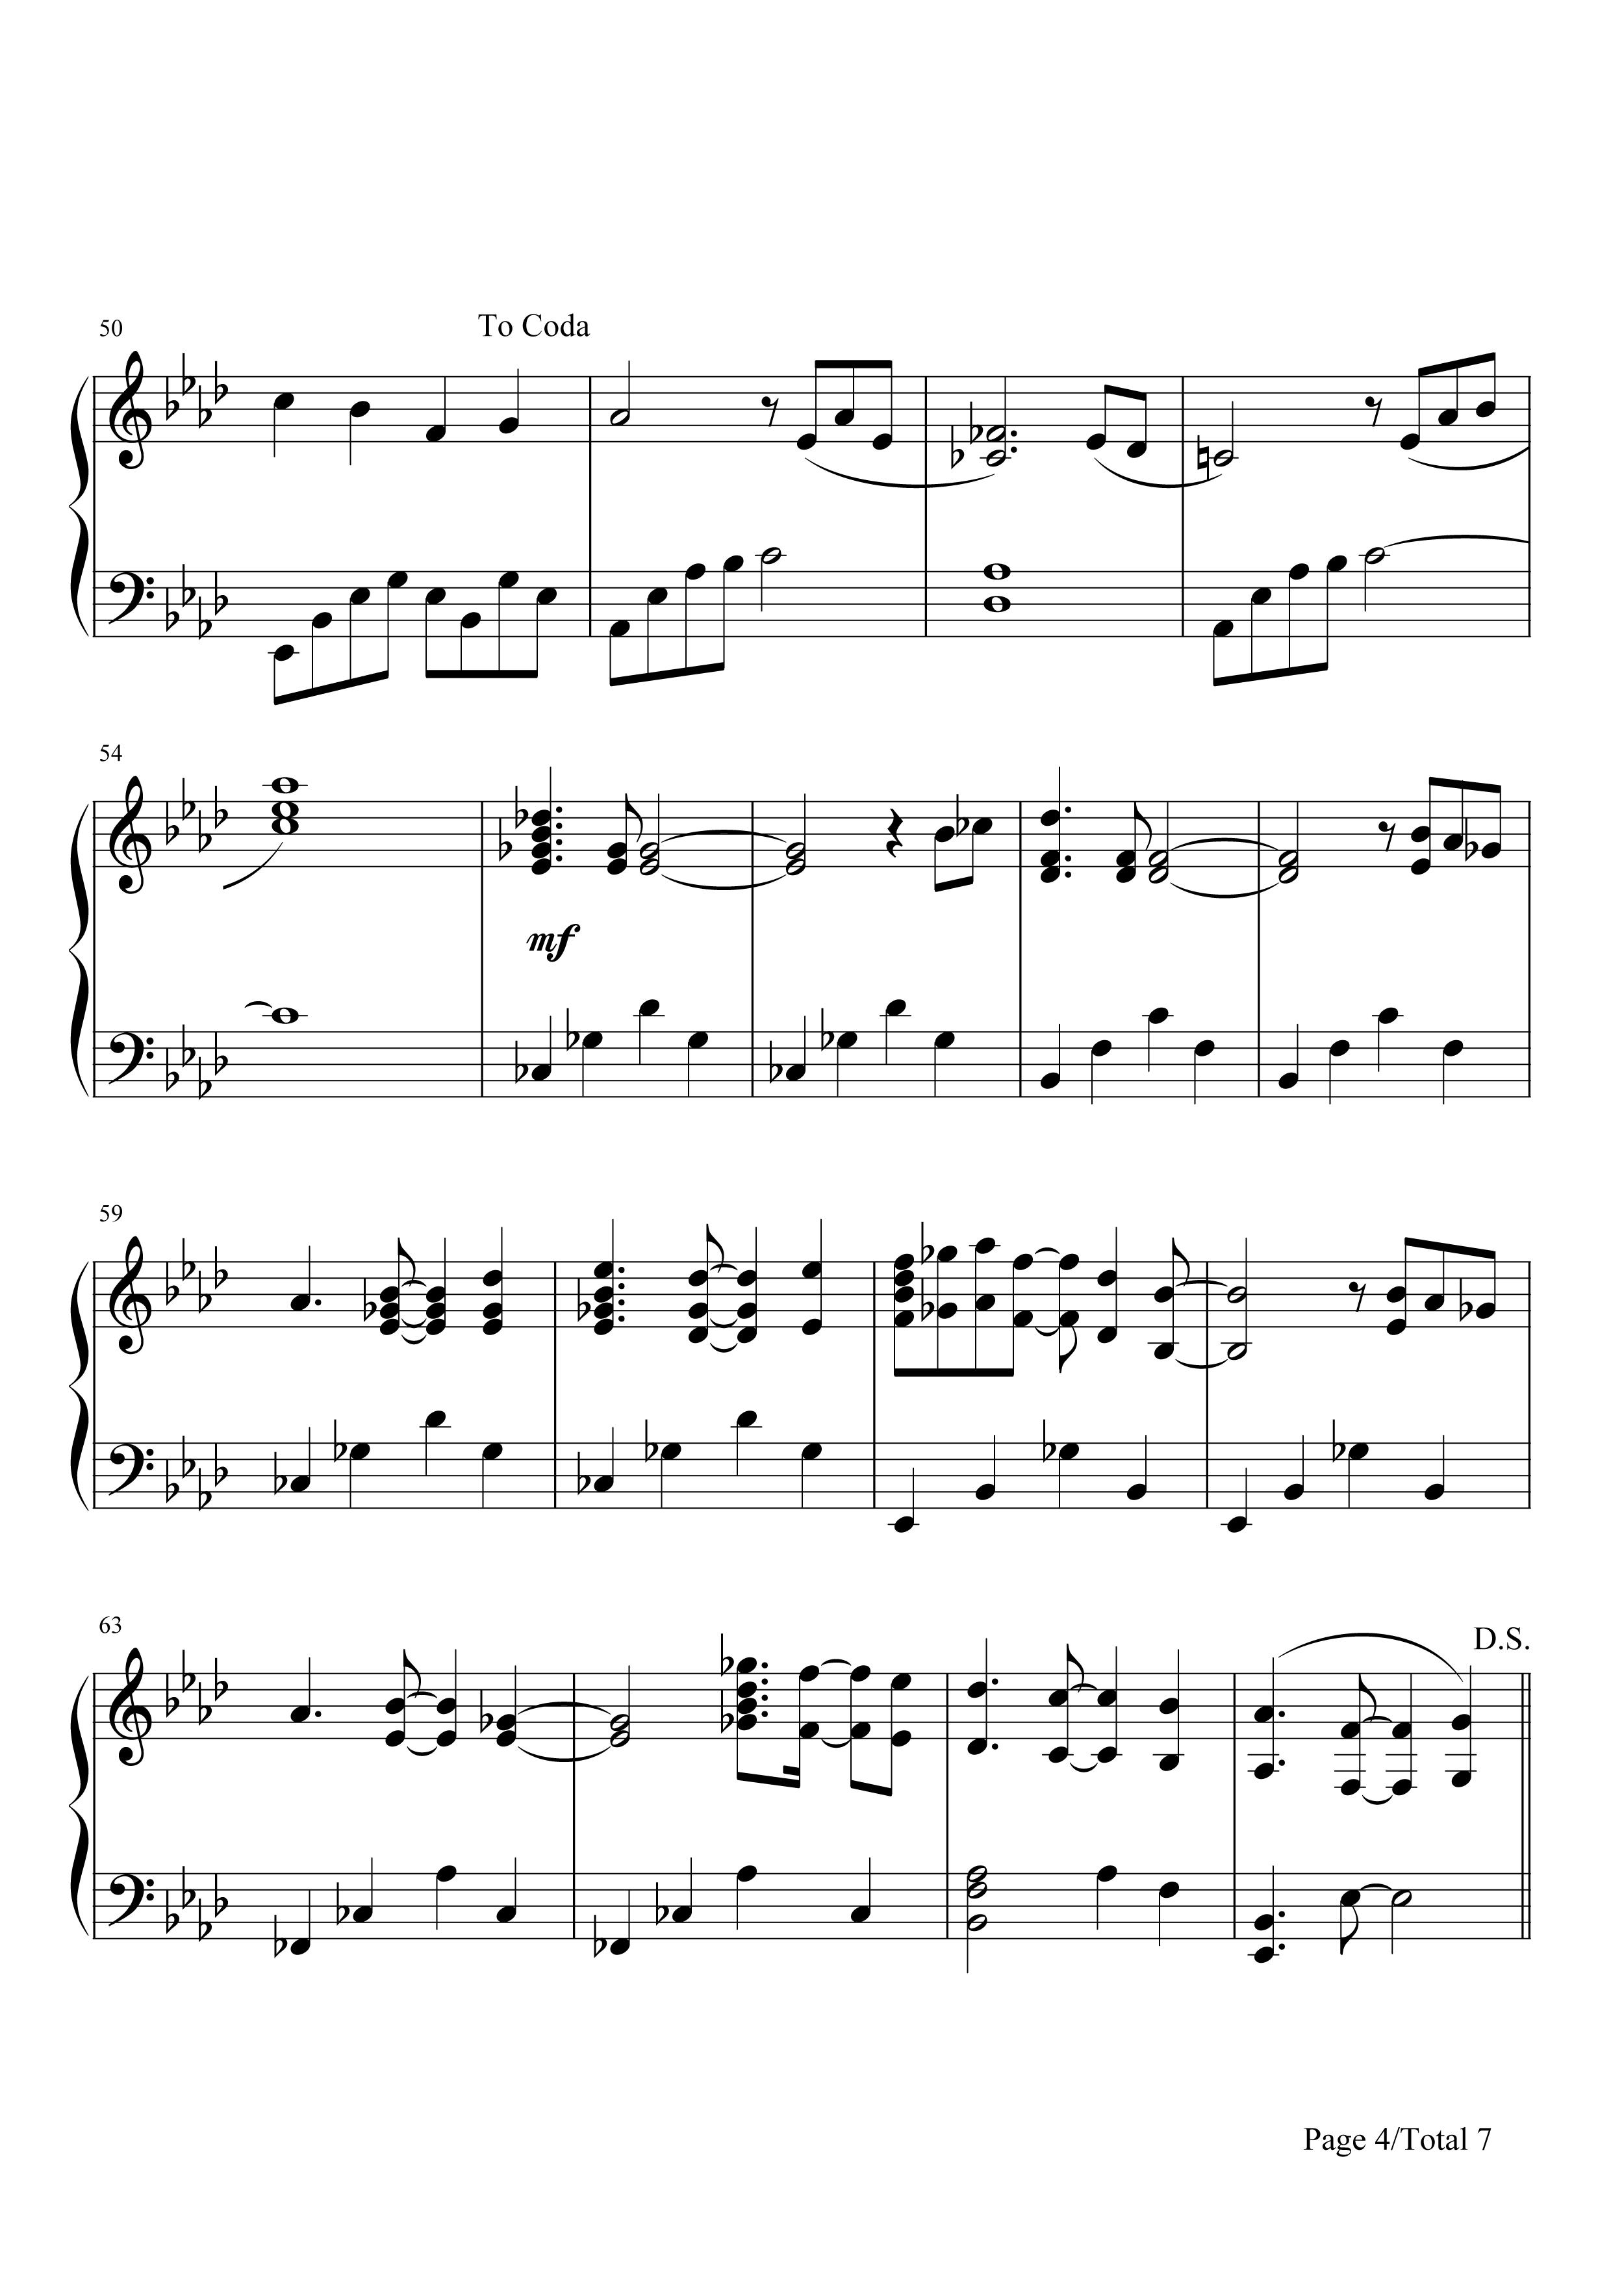 sheet-piano-the-wind-of-life-joe-hisaishi-1